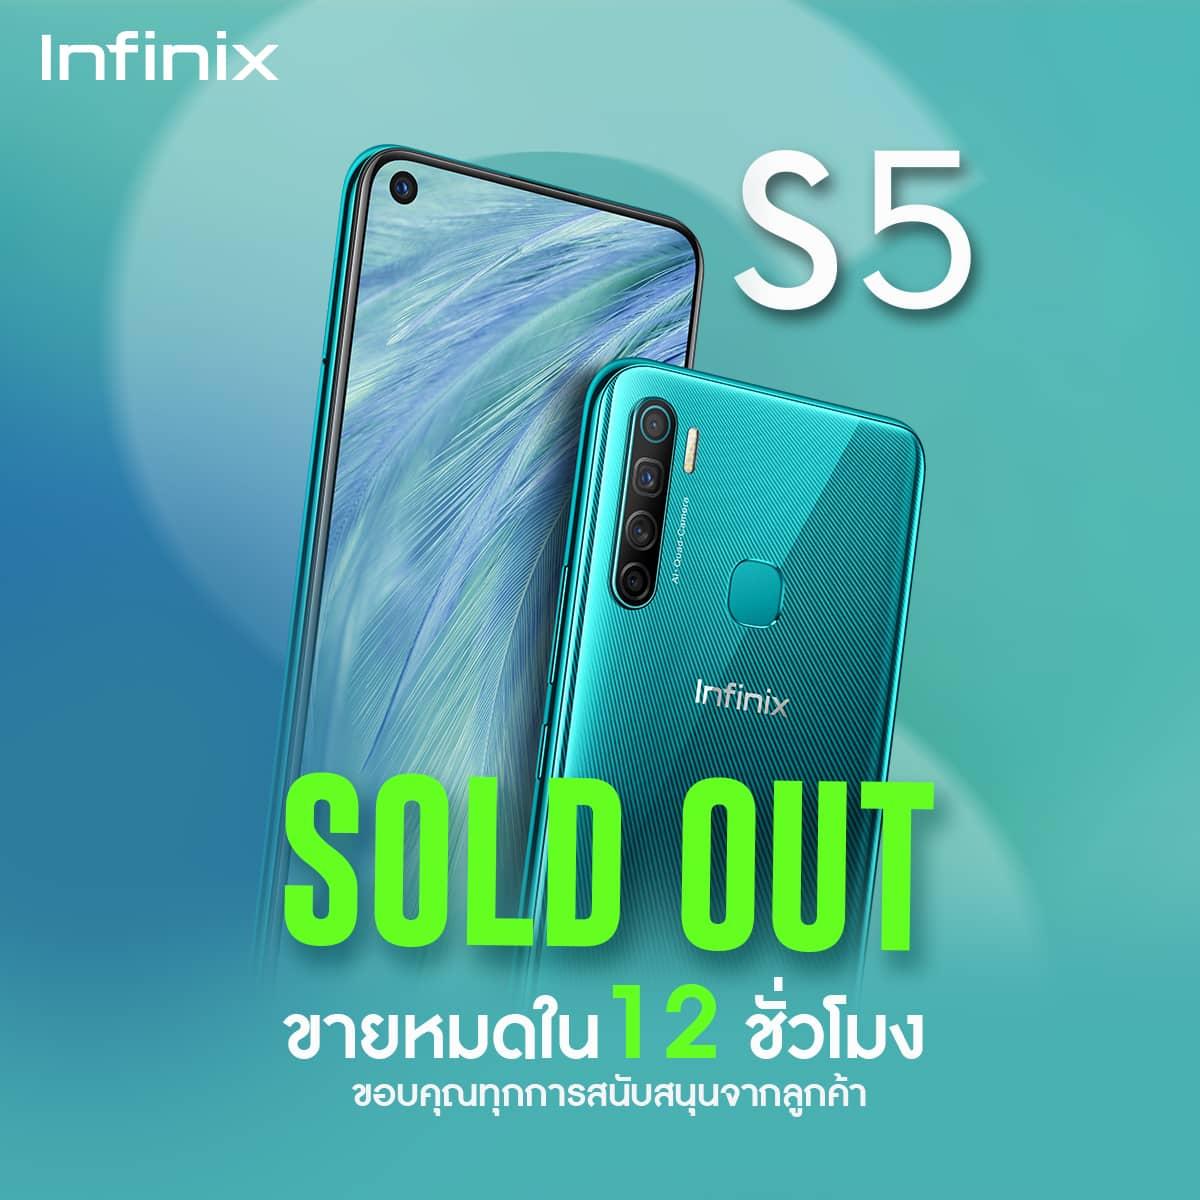 รูป Infinix Success Photo  ประกอบเนื้อหา Infinix S5 ทุบสถิติพรีเซลขายเกลี้ยงภายใน 12 ชั ่วโมง